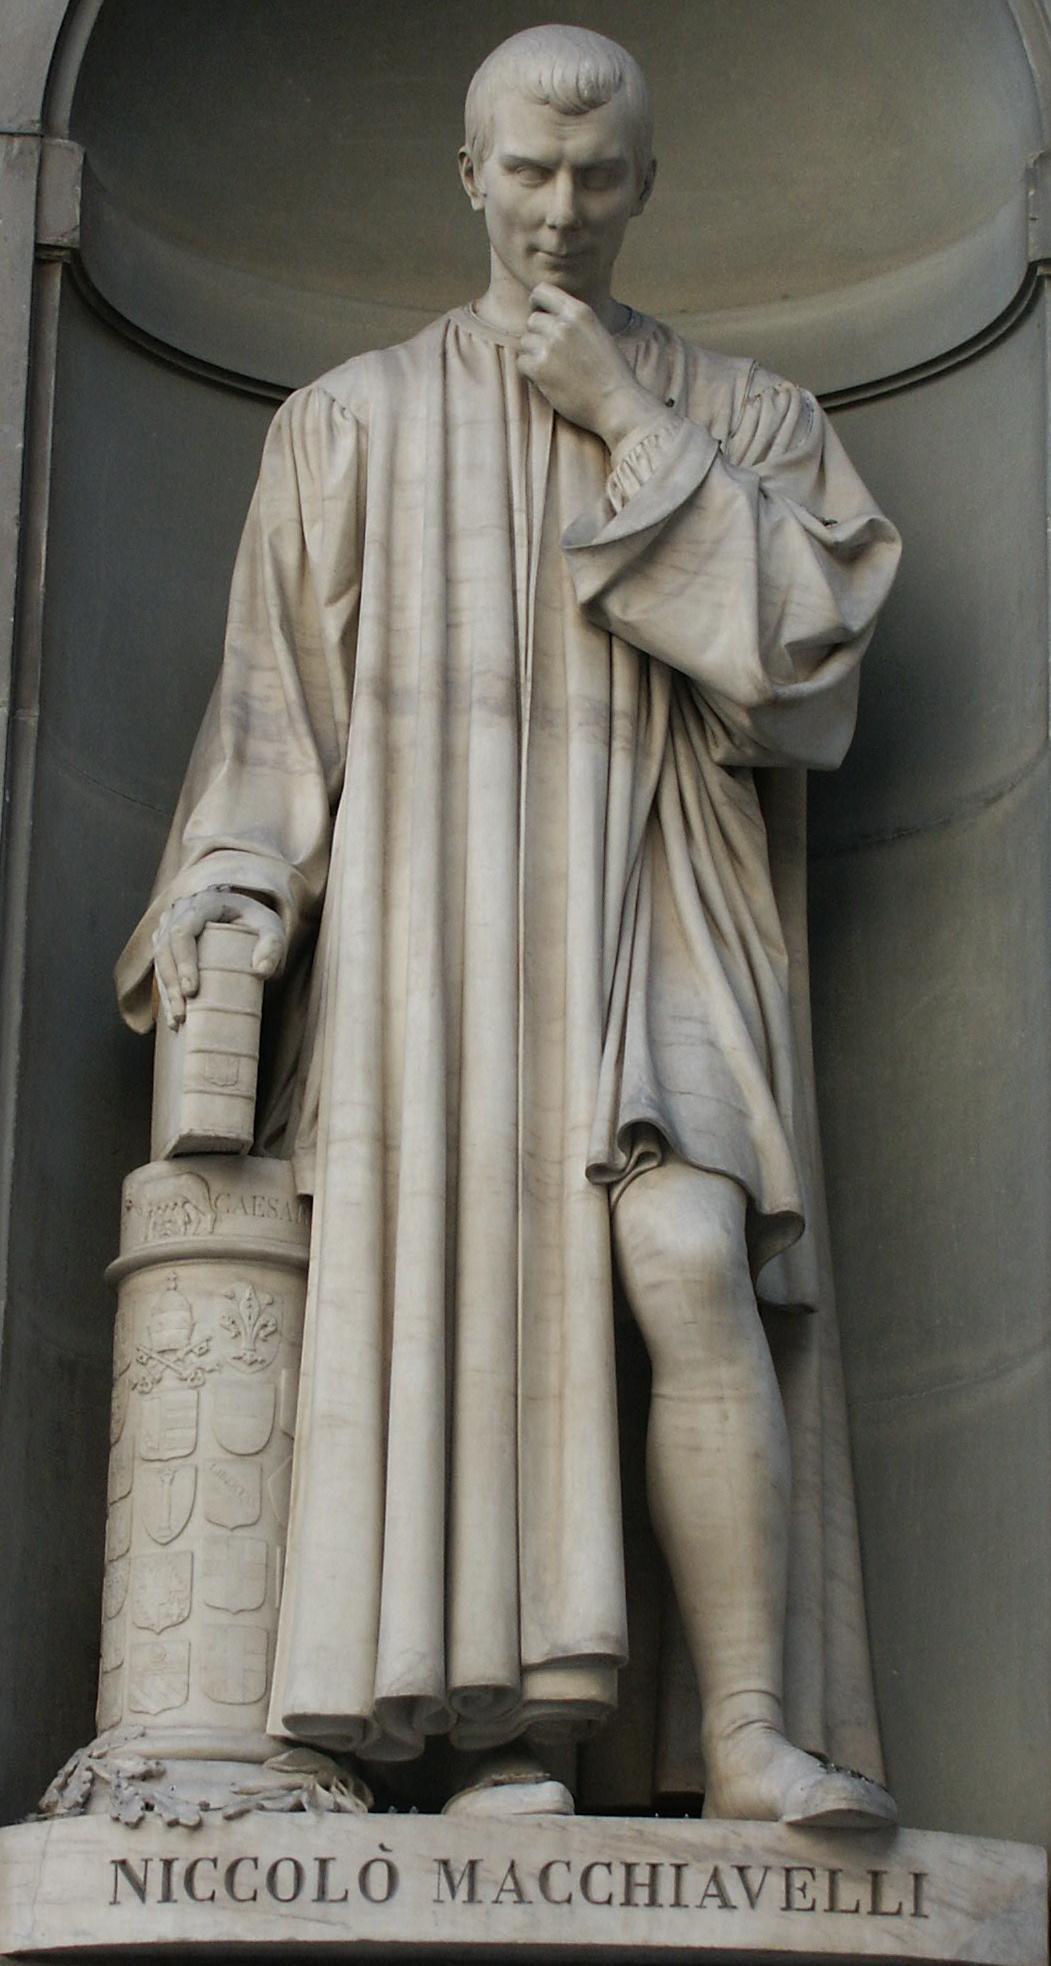 http://it.wikipedia.org/wiki/Niccol%C3%B2_Machiavelli